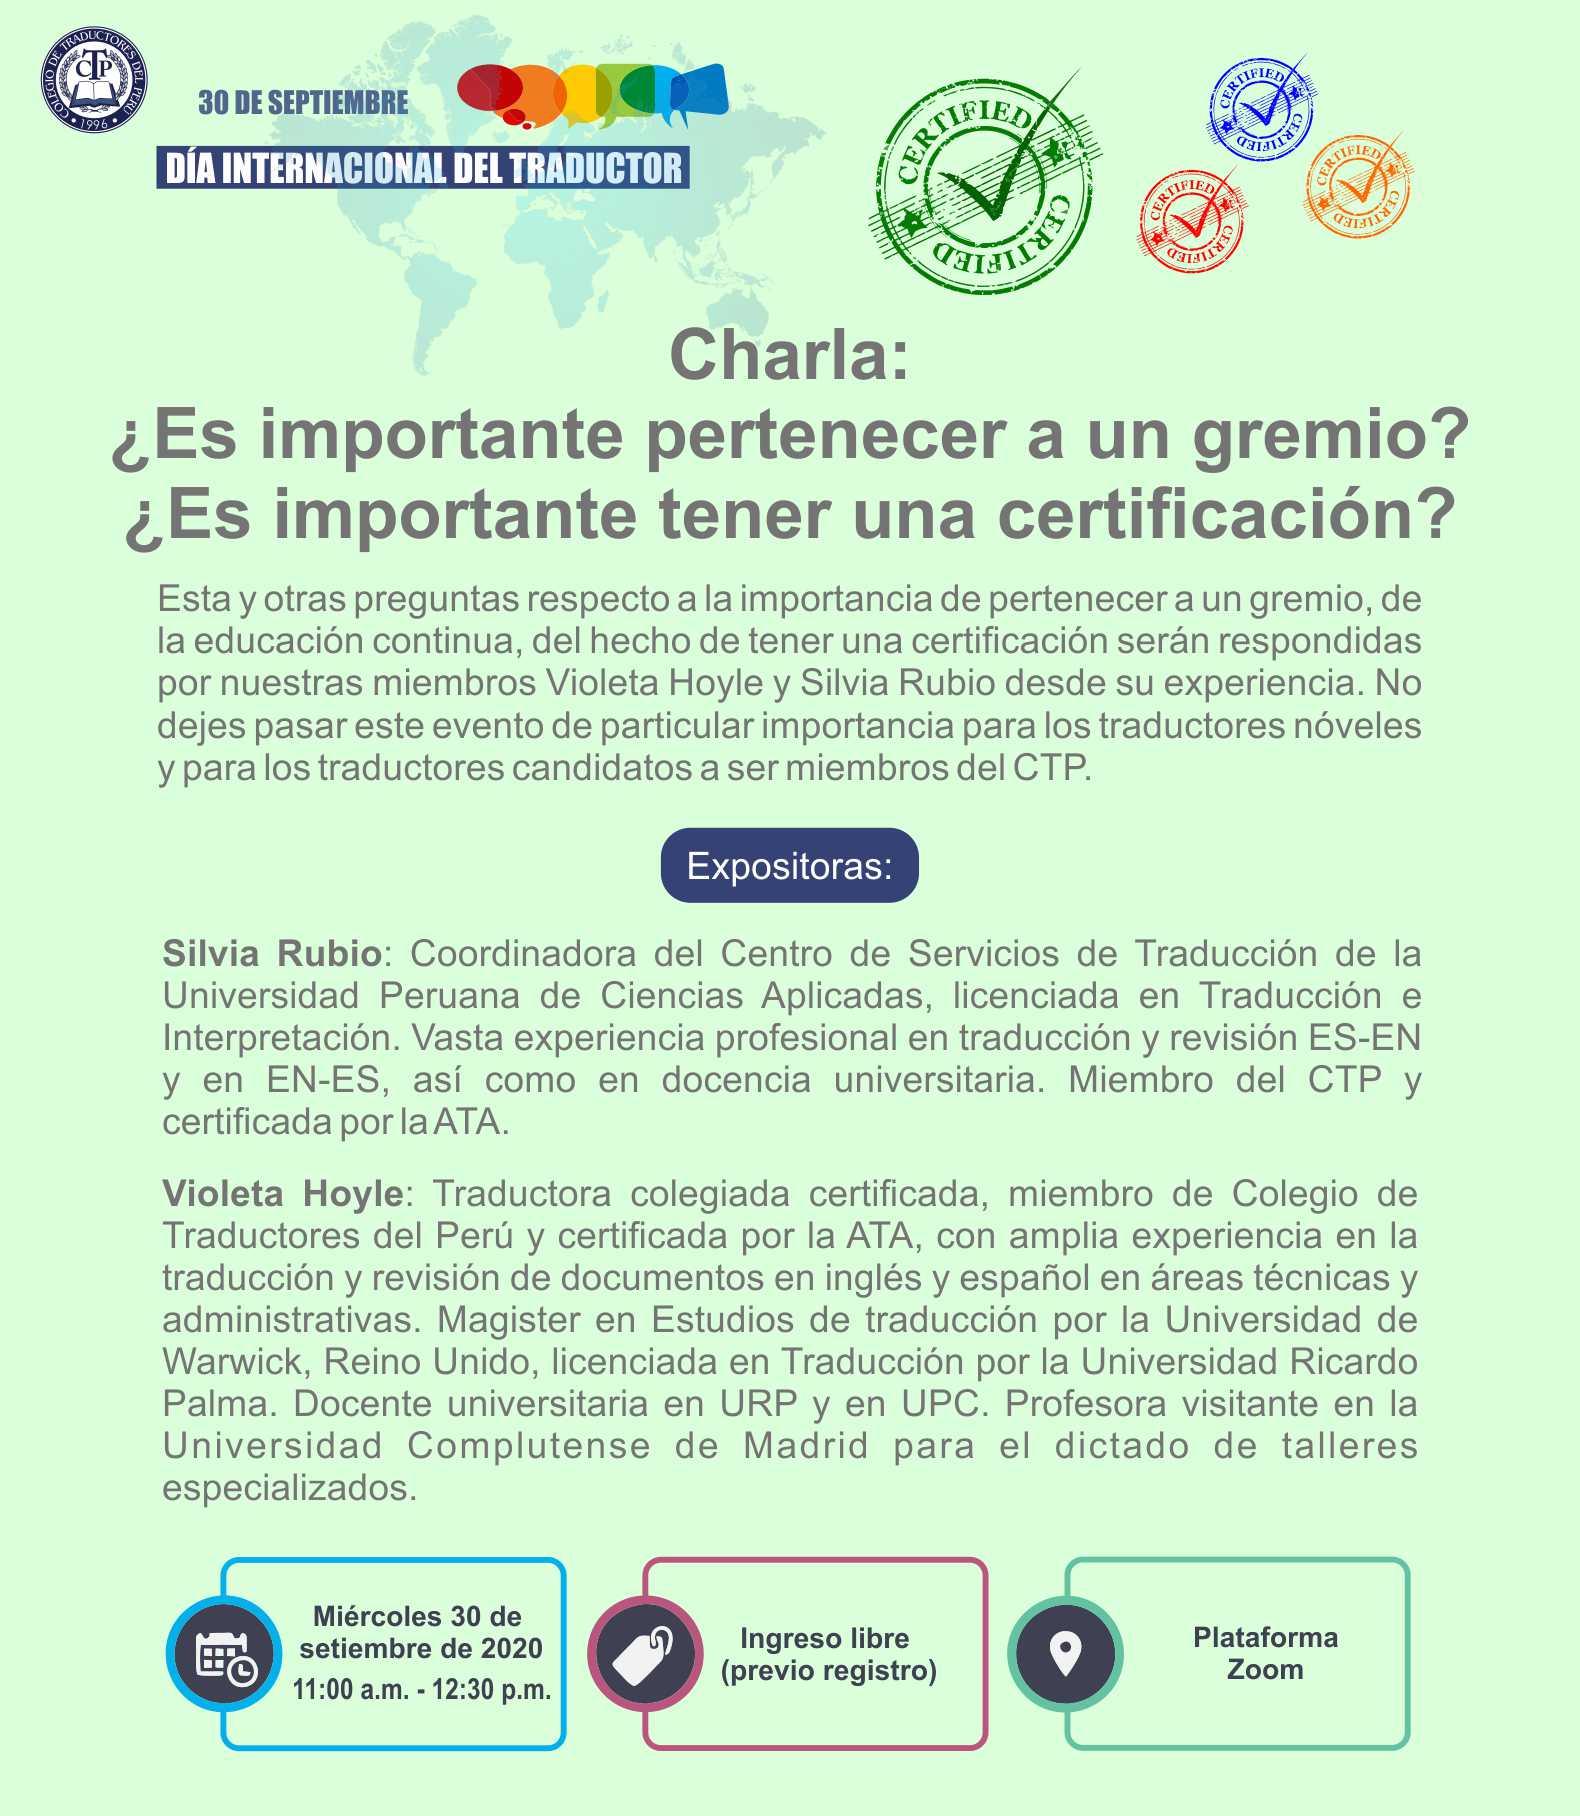 https://campaign-image.com/zohocampaigns/688848000000588006_5_1600976365301_charla-importancia-de-la-certificación.jpg